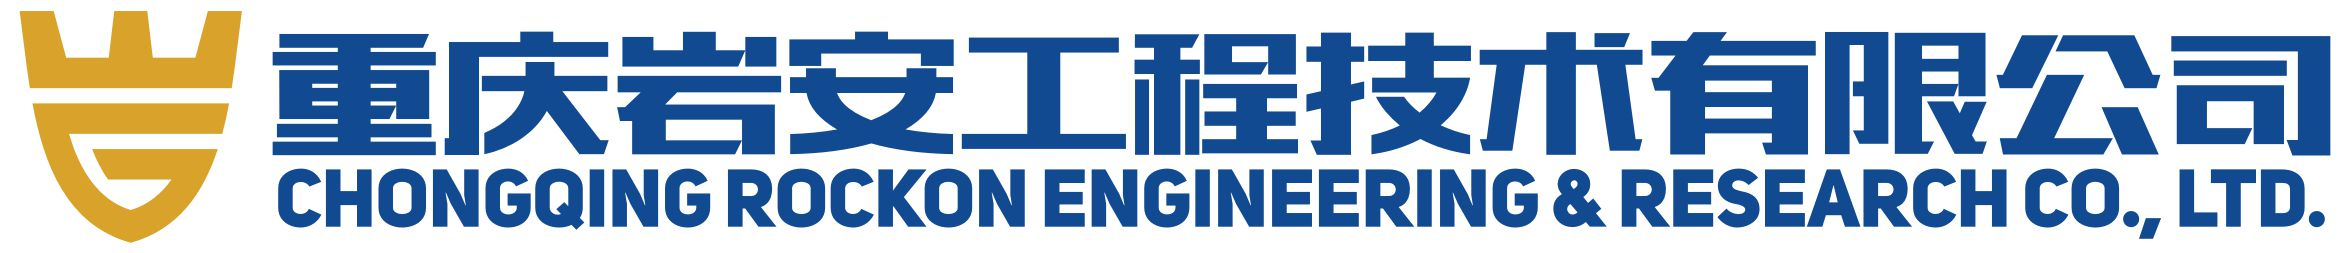 重庆岩安工程技术有限公司